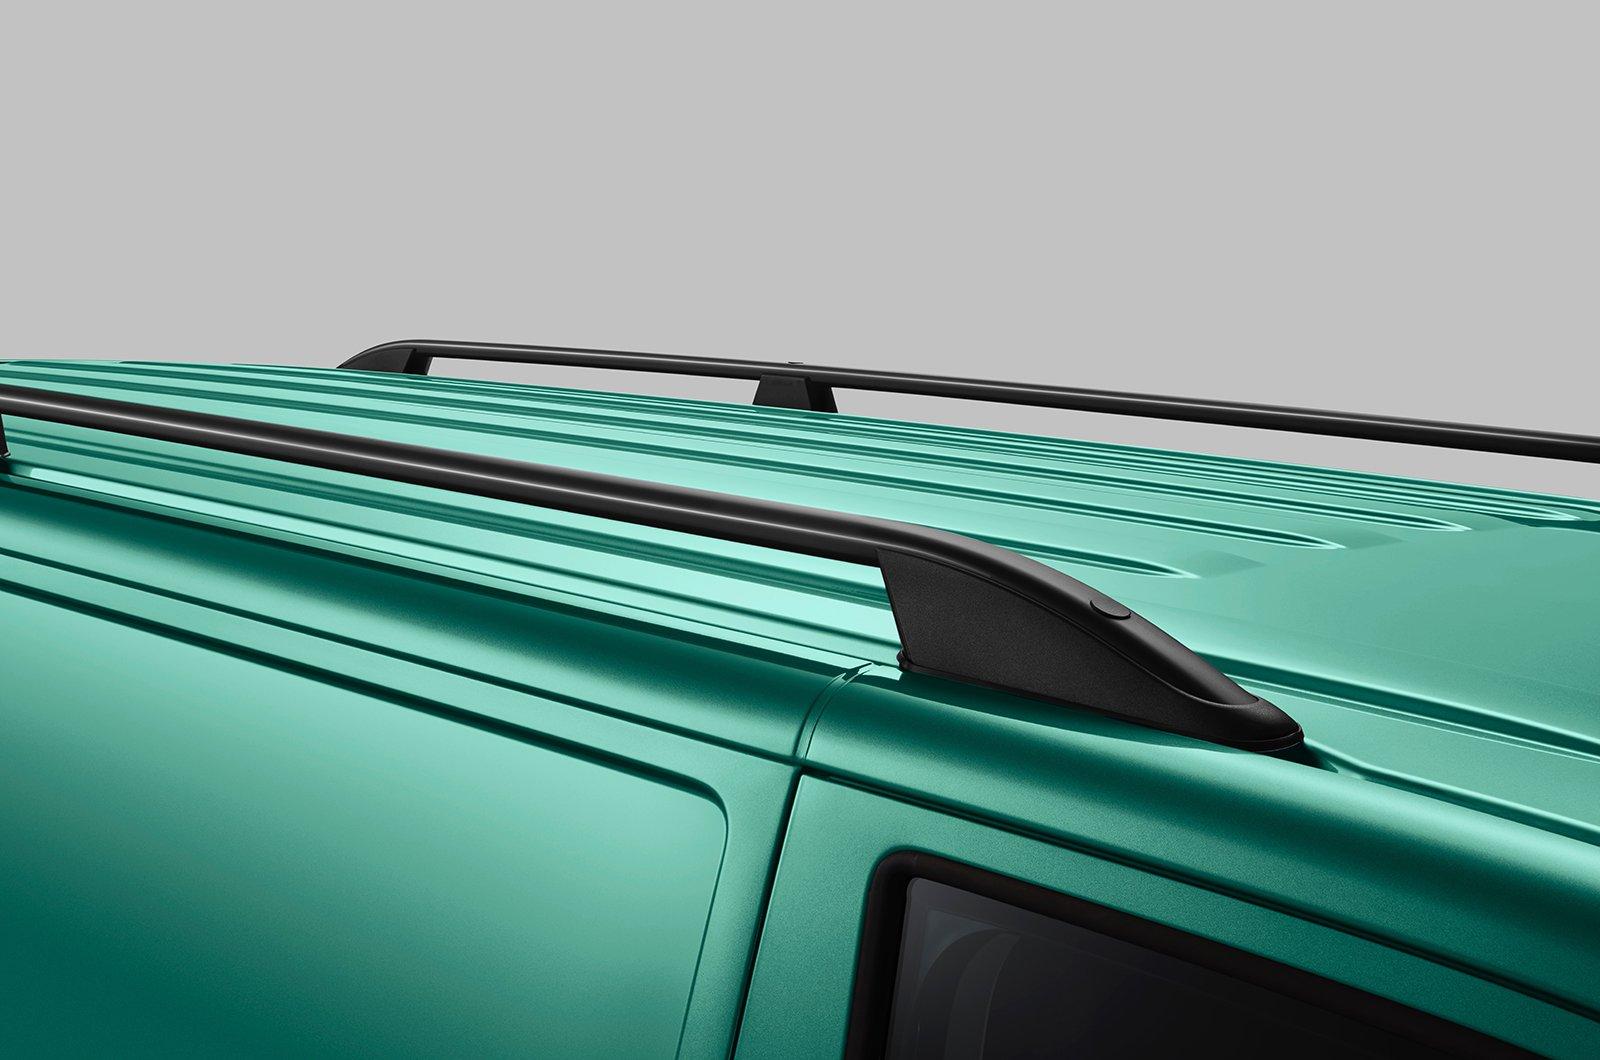 VW roof bars